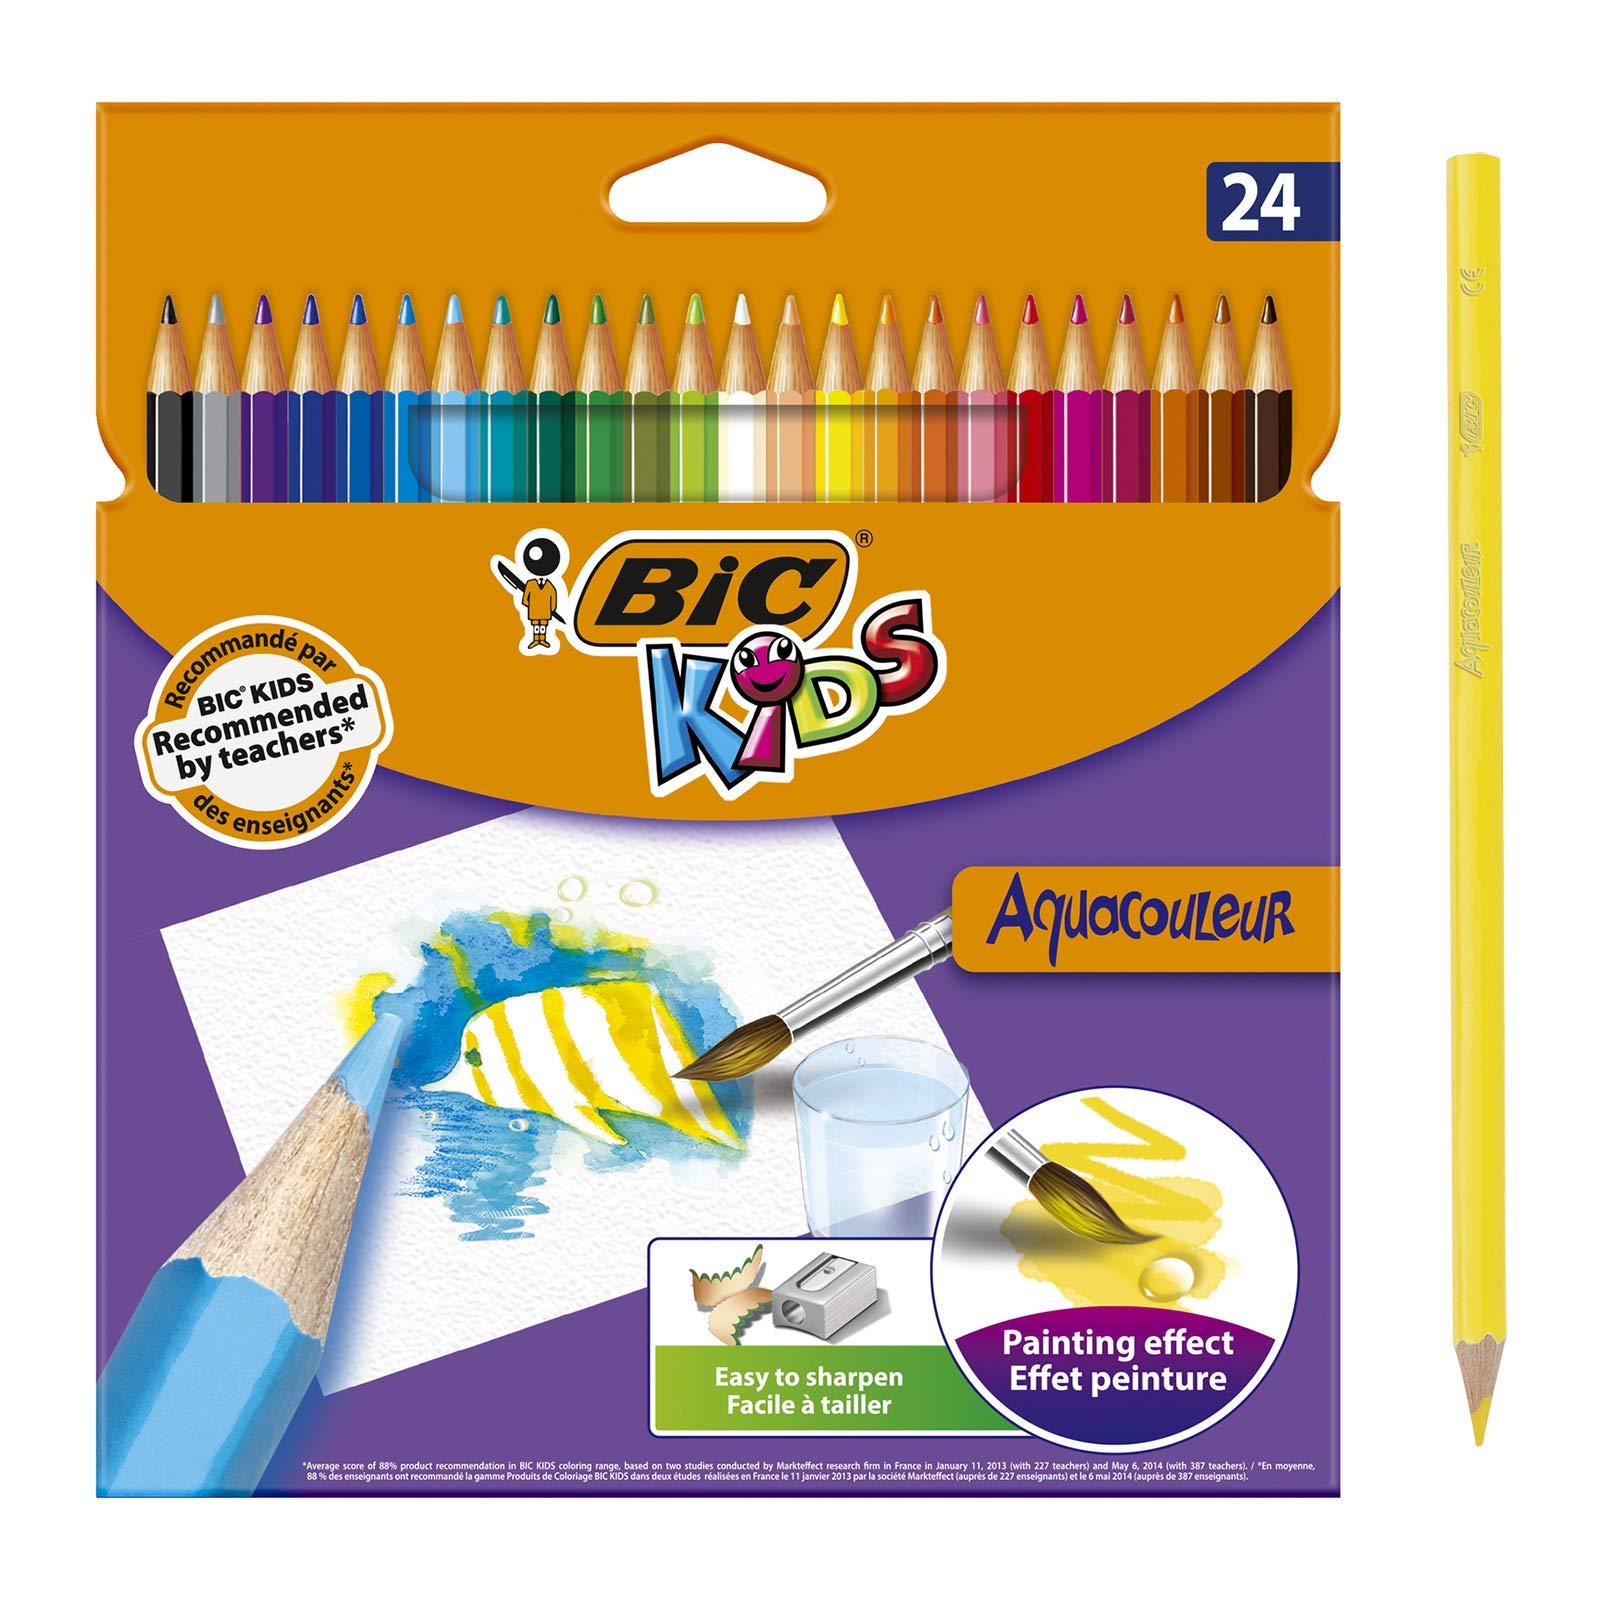 BIC Kids Aquacouleur Lápices Acuarelables Efecto Pintura - colores Surtidos, Blíster de 24 unidades: Amazon.es: Oficina y papelería